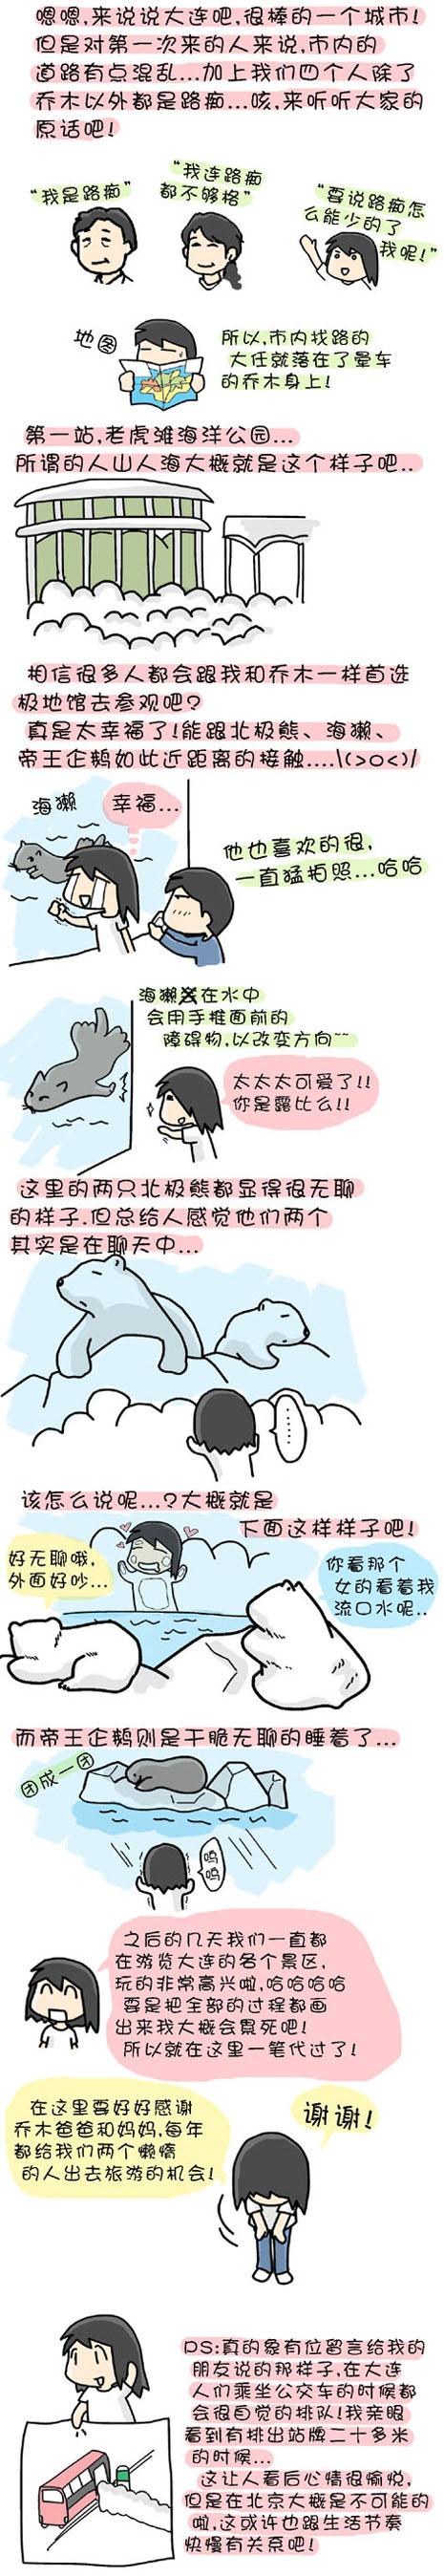 大连游(下) - 小步 - 小步漫画日记